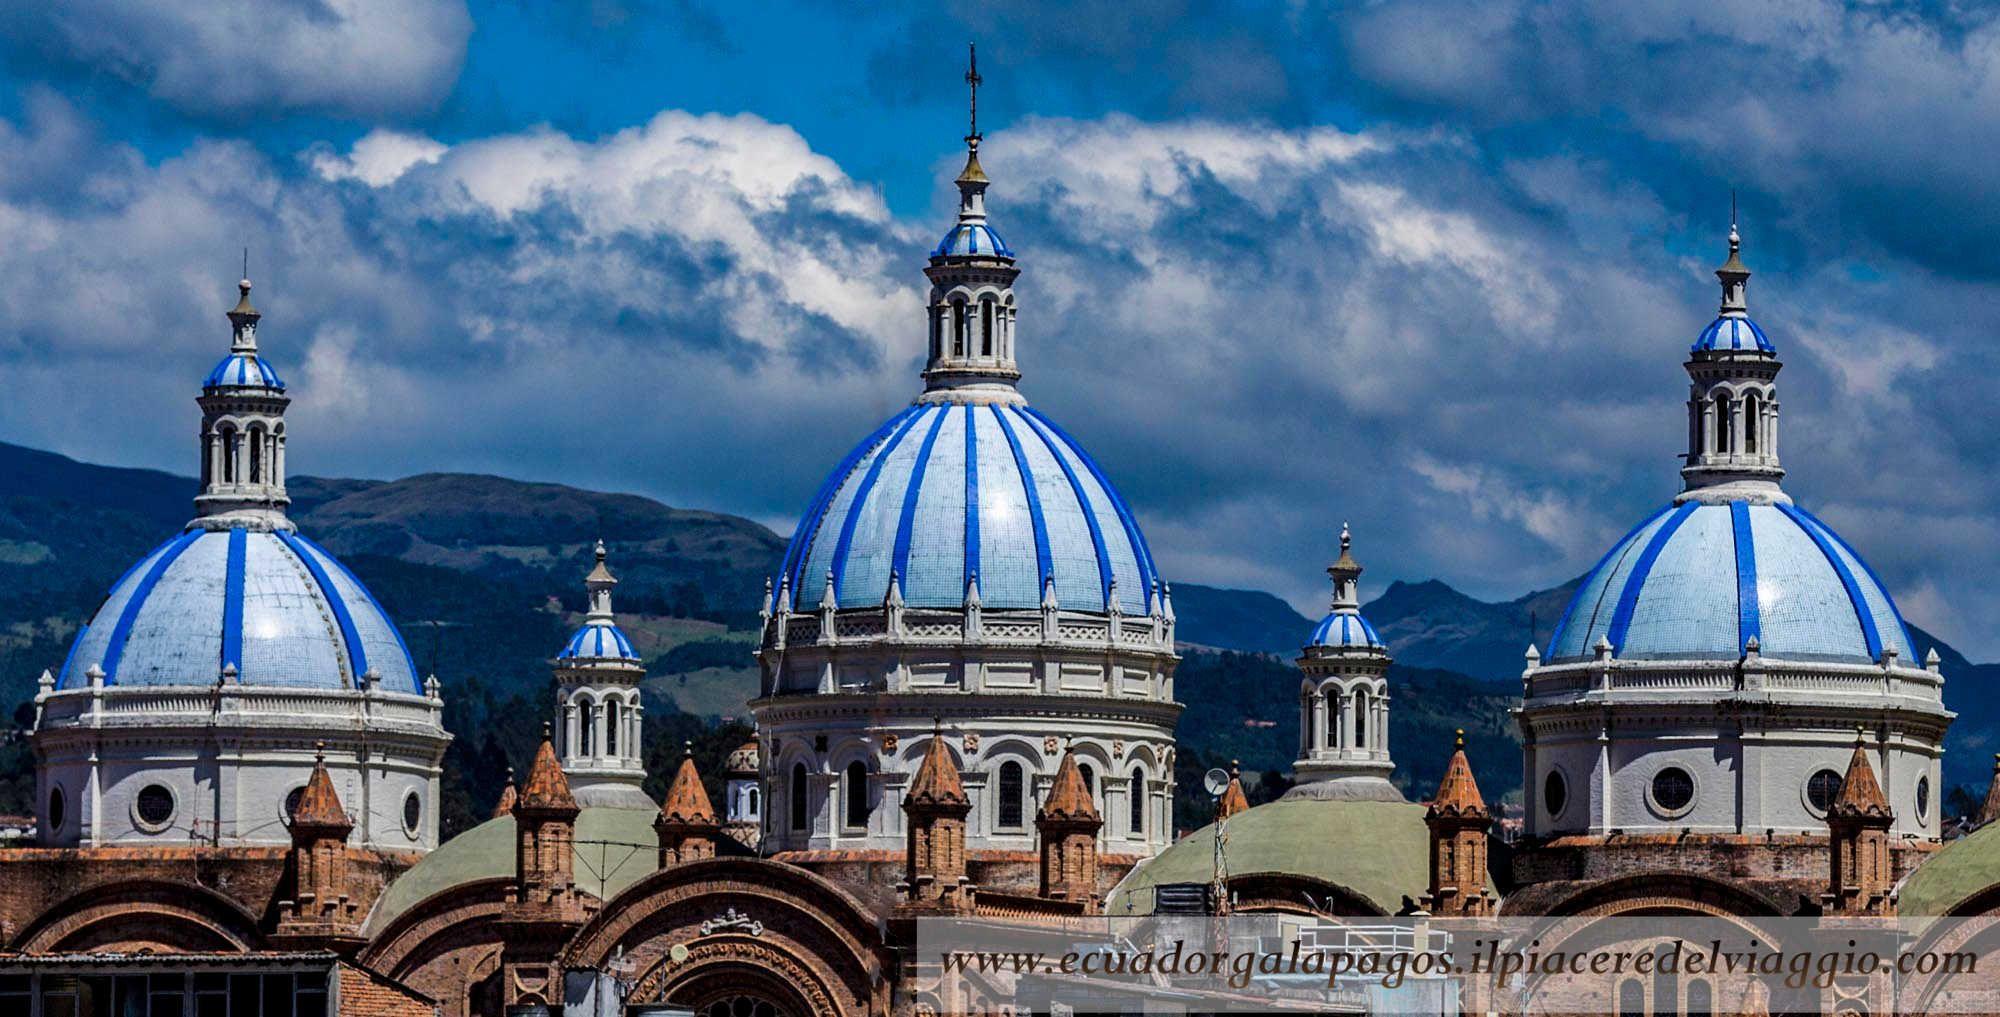 """Particolare della Catedral de la Inmaculada Concepción, conosciuta anche come """"La cattedrale nuova"""" . Le cupole sono visibili da tutta Cuenca e sono ricoperte di maiolica.  #cuenca #ecuador #unesco #worldheritage #patrimonio umanità #sudamerica #southamerica #cattedrale #cathedral"""